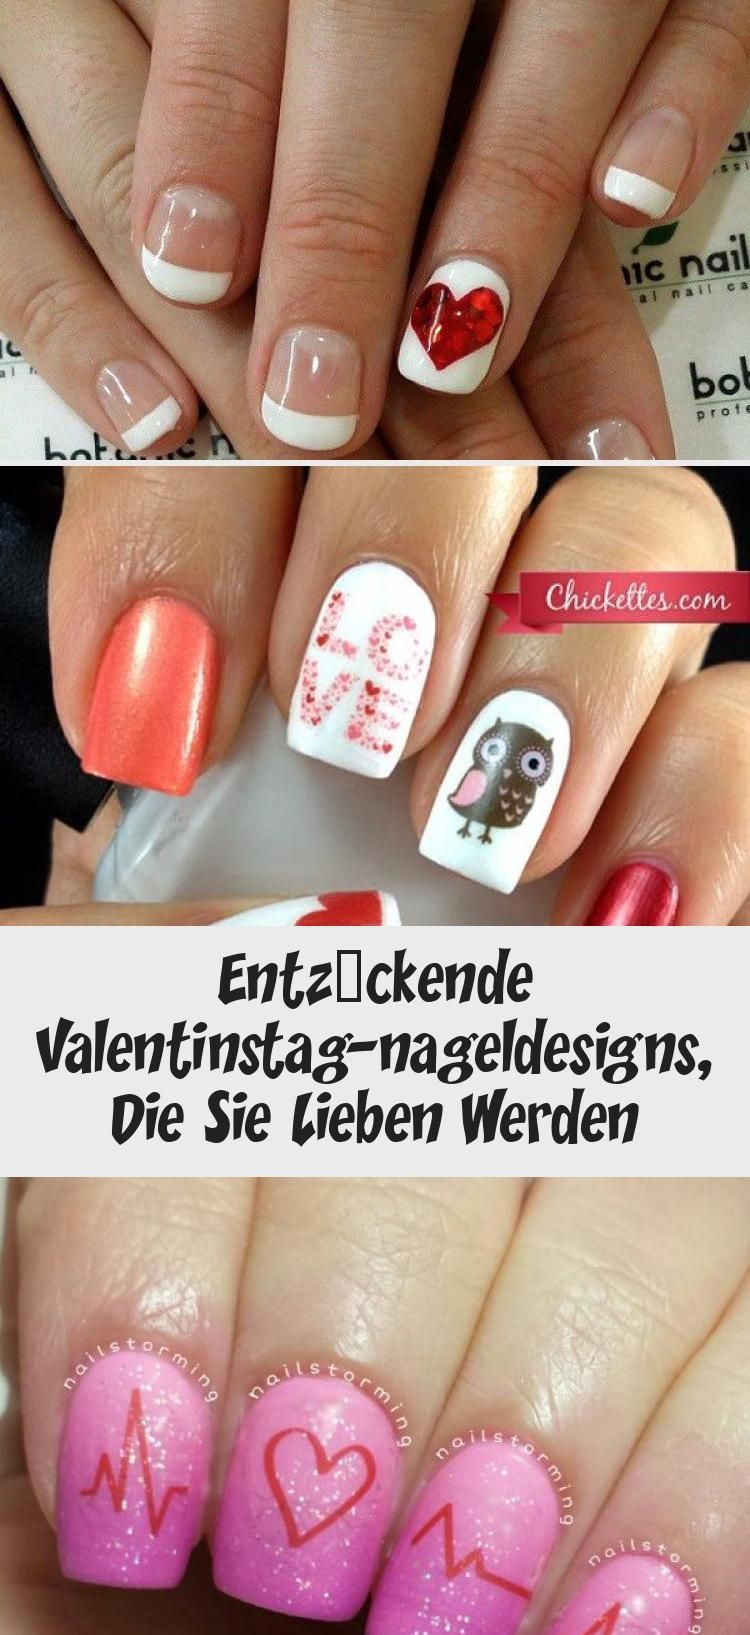 Entzuckende Valentinstag Nageldesigns Die Sie Lieben Werden Valentinstagnagel Entzuckende Valentins In 2020 Nails Valentine S Day Nail Designs Valentines Nails